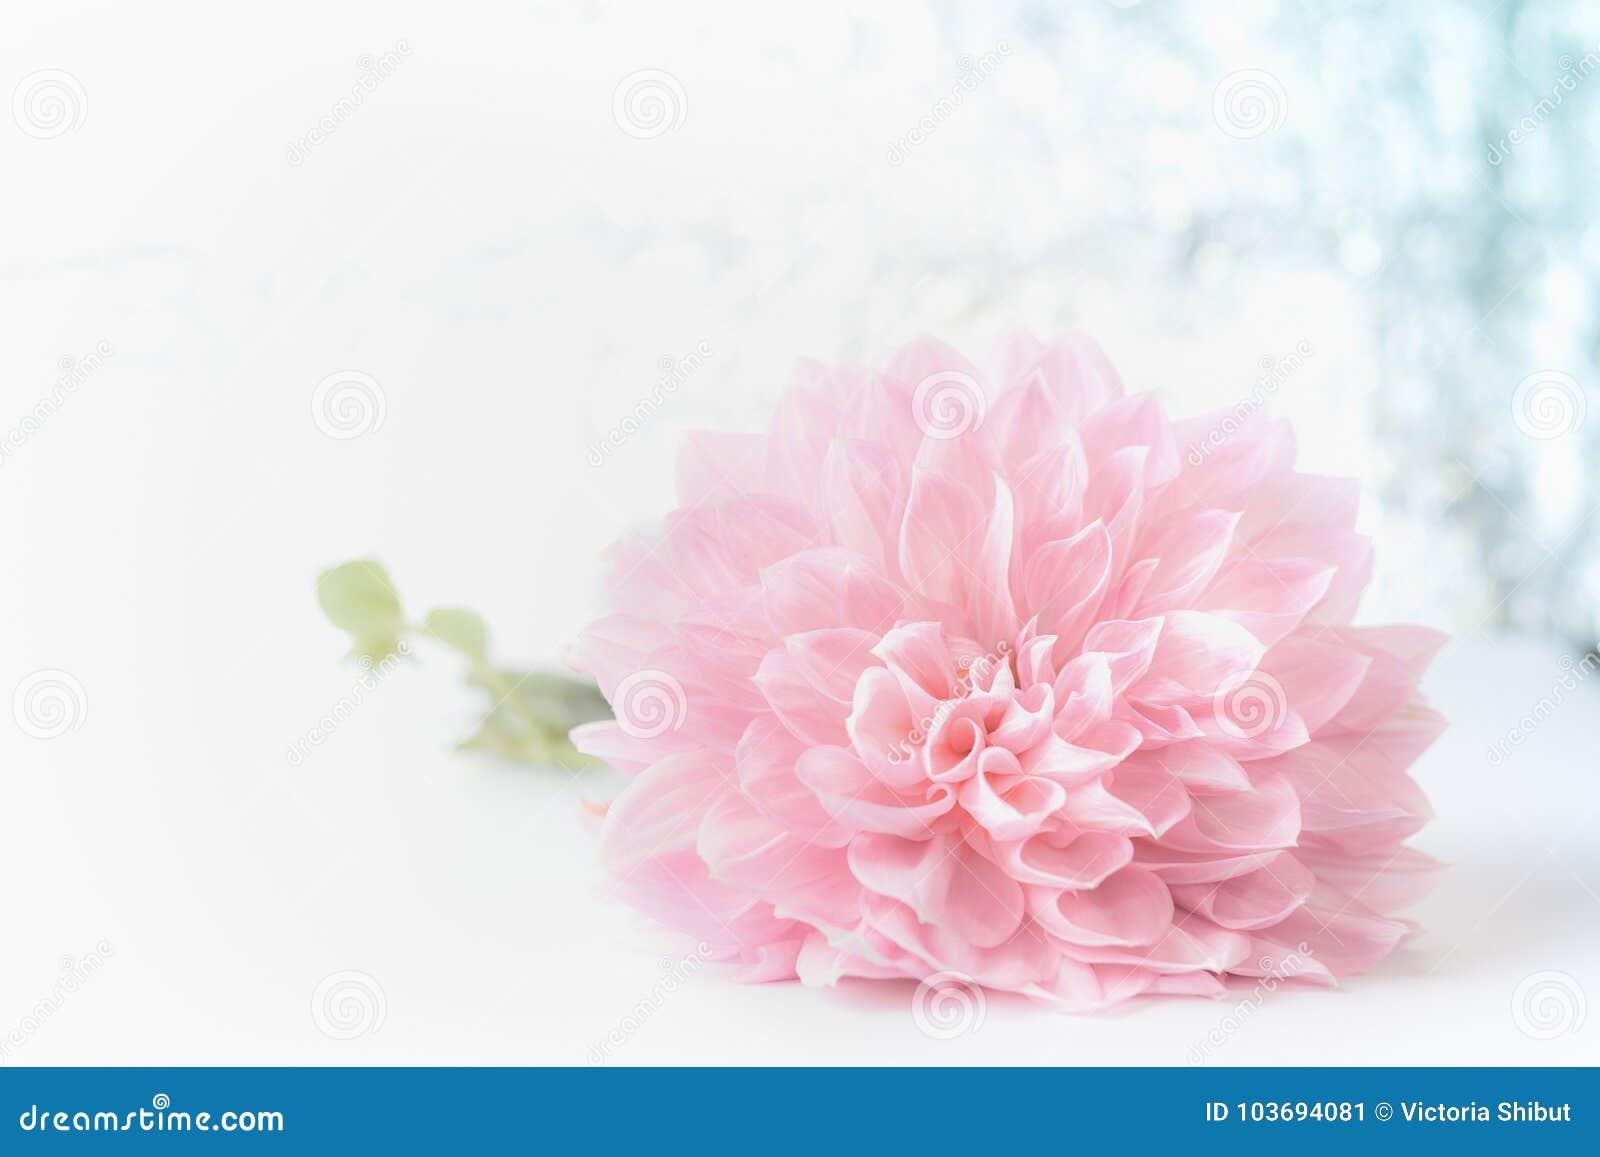 Большой красивый розовый бледный цветок на предпосылке bokeh, вид спереди Творческая флористическая поздравительная открытка на д